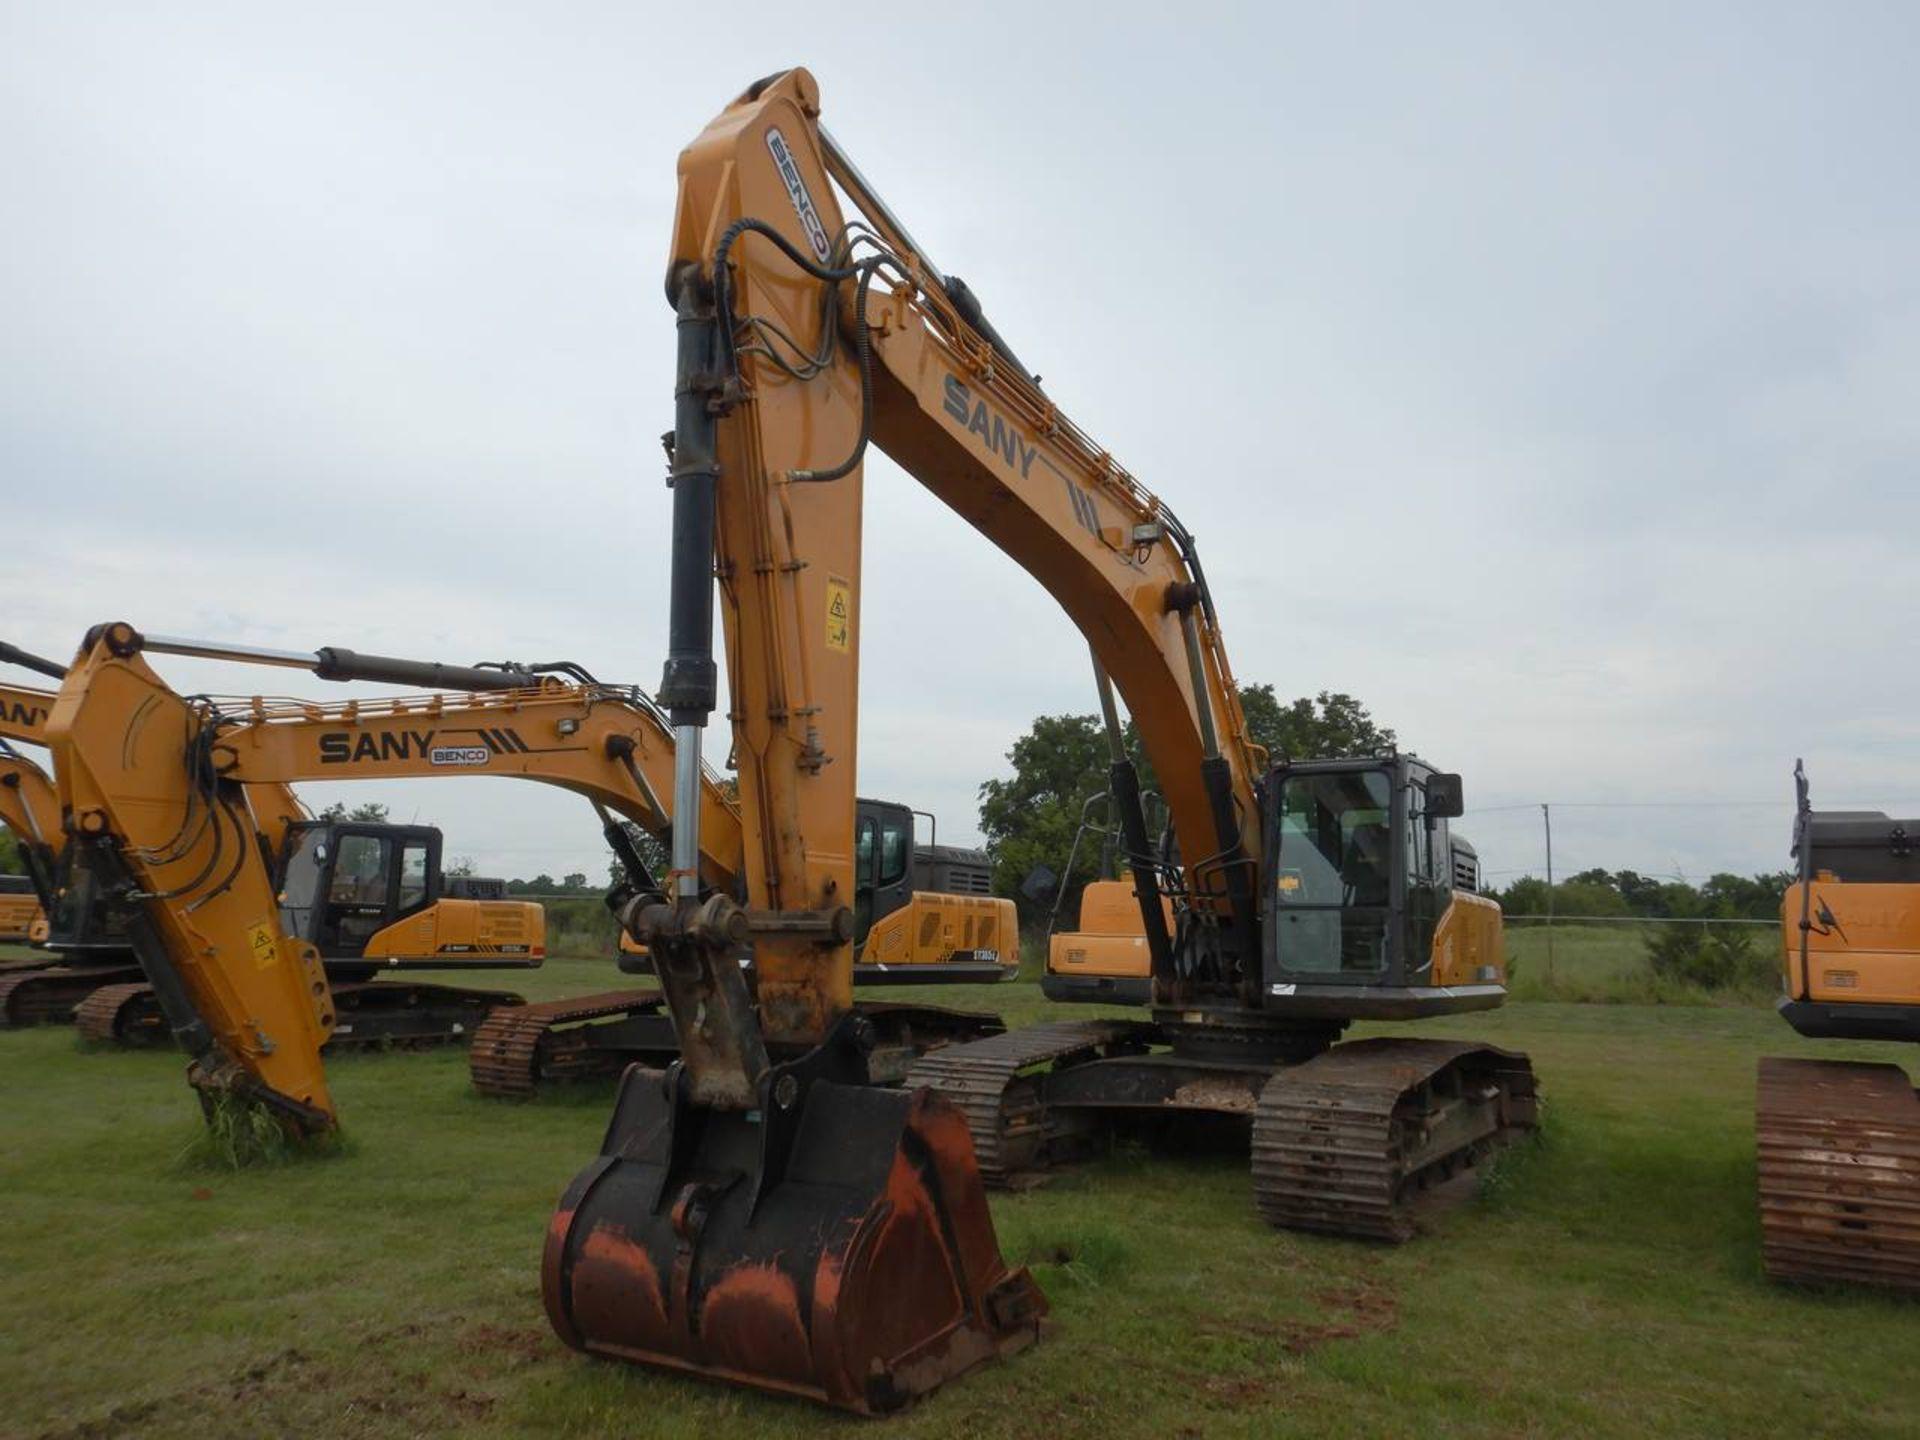 Lot 6 - 2016 SANY SY365C Excavator